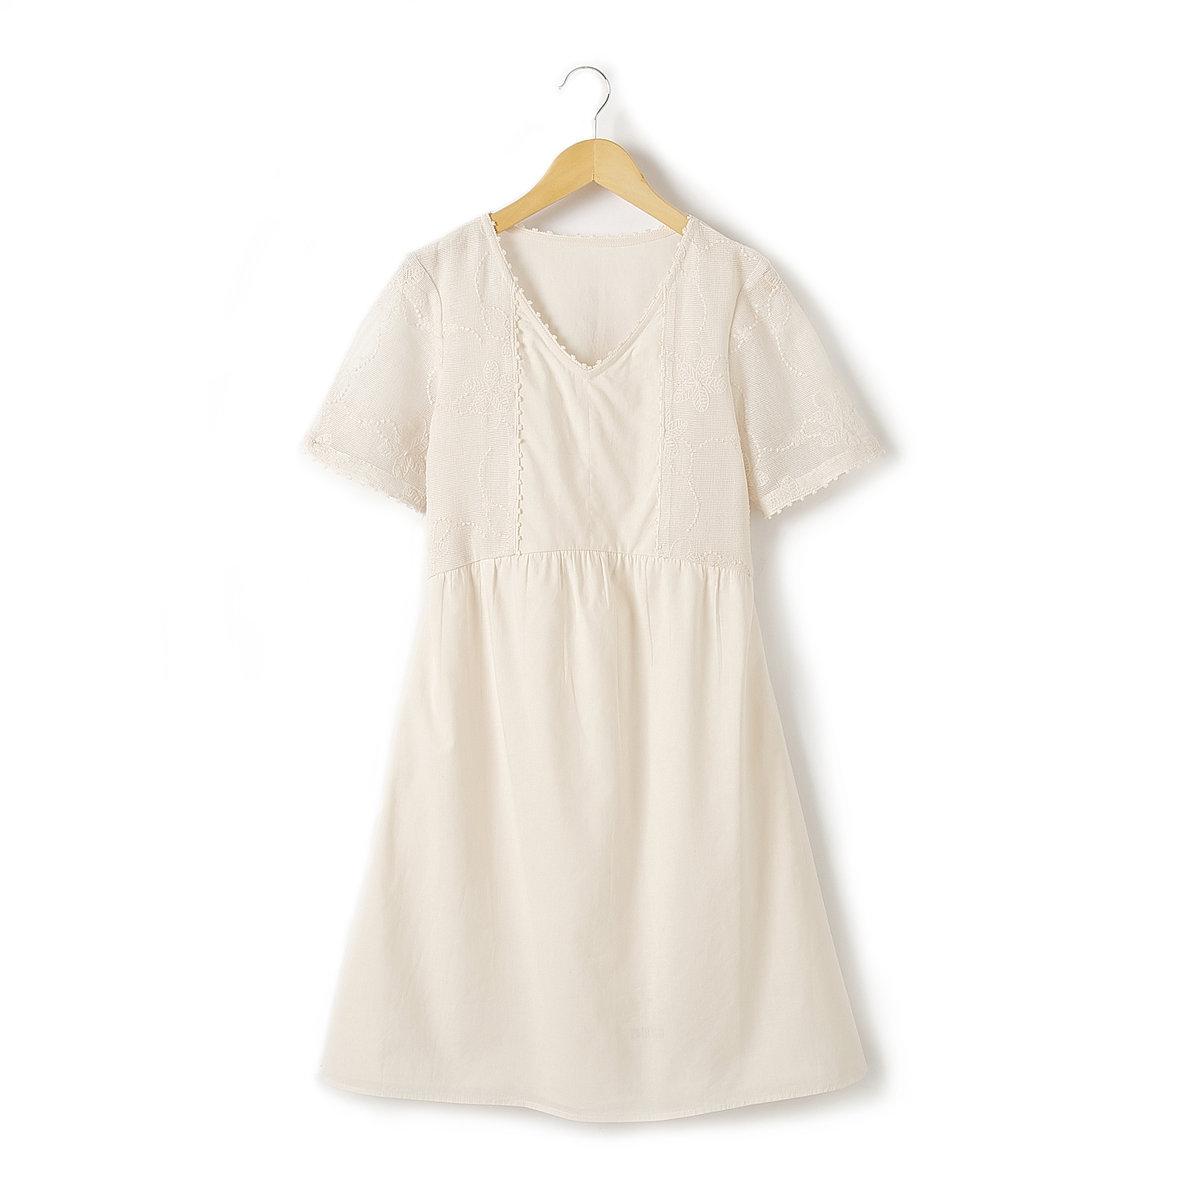 Платье короткое с кружевной аппликациейОчаровательное платье с короткими рукавами из 100% хлопковой вуали . Красивая кружевная аппликация спереди и на рукавах! V-образный вырез . Отрезное по талии, со складками . Оригинальная отделка зубчиком передней части и выреза. Длина . до середины бедра .<br><br>Цвет: экрю